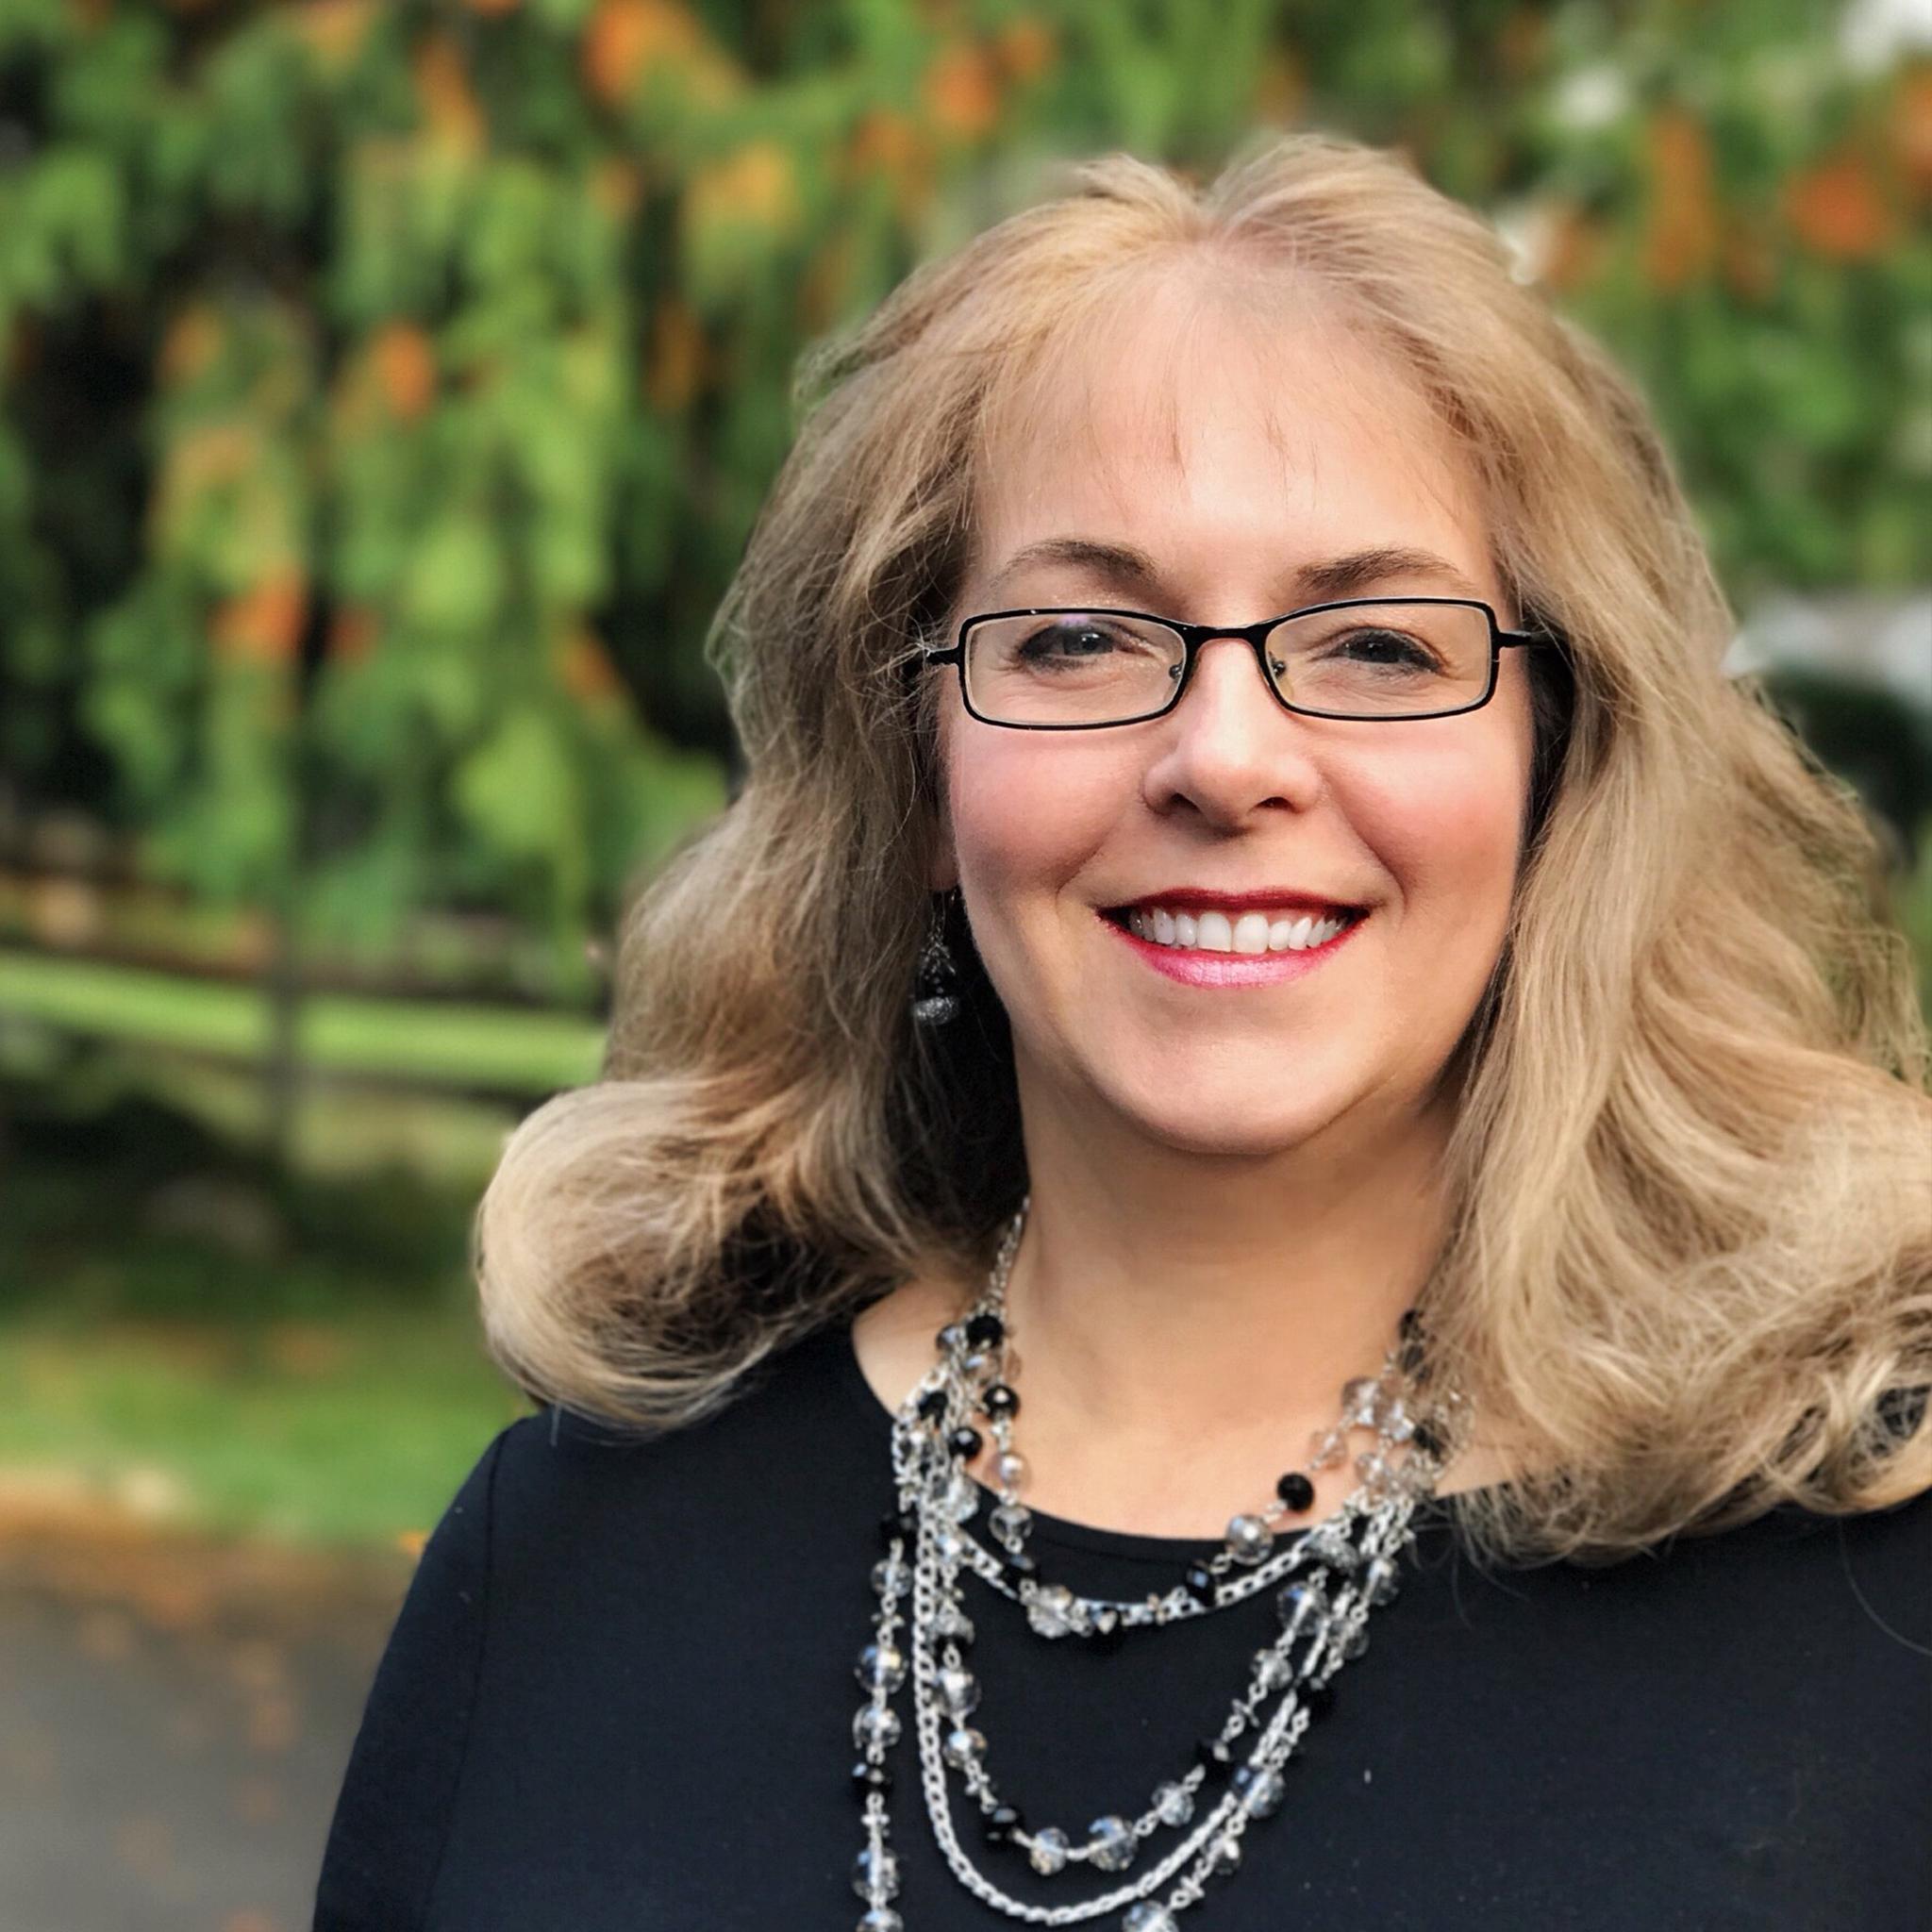 Deborah Balint